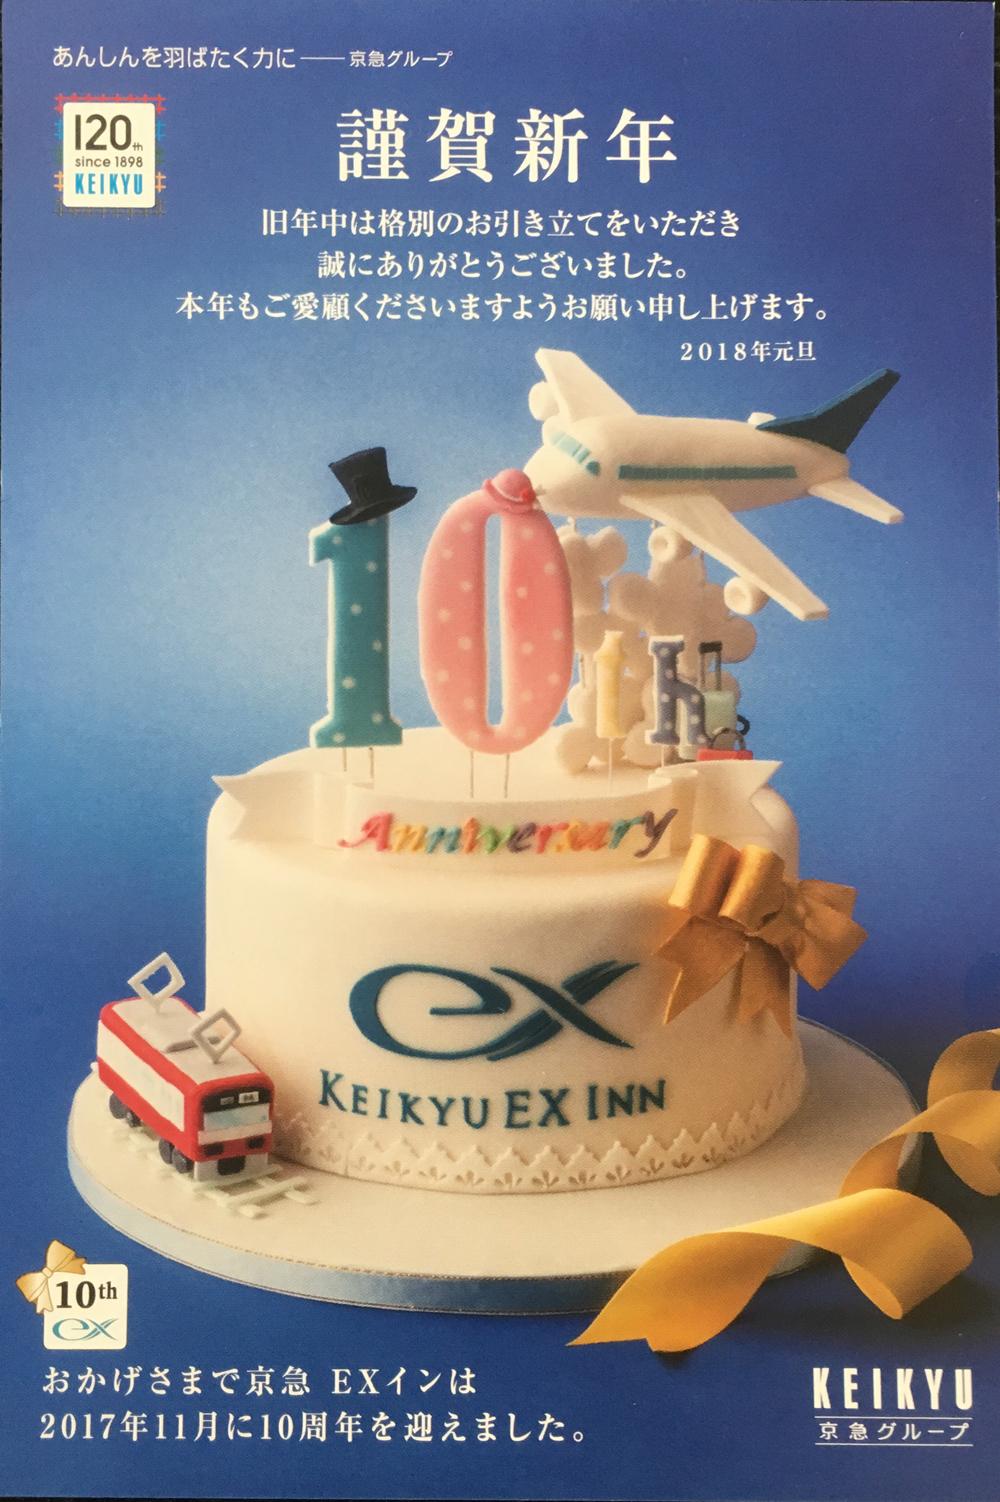 京急EX INN10周年記念ケーキを制作させていただきました。